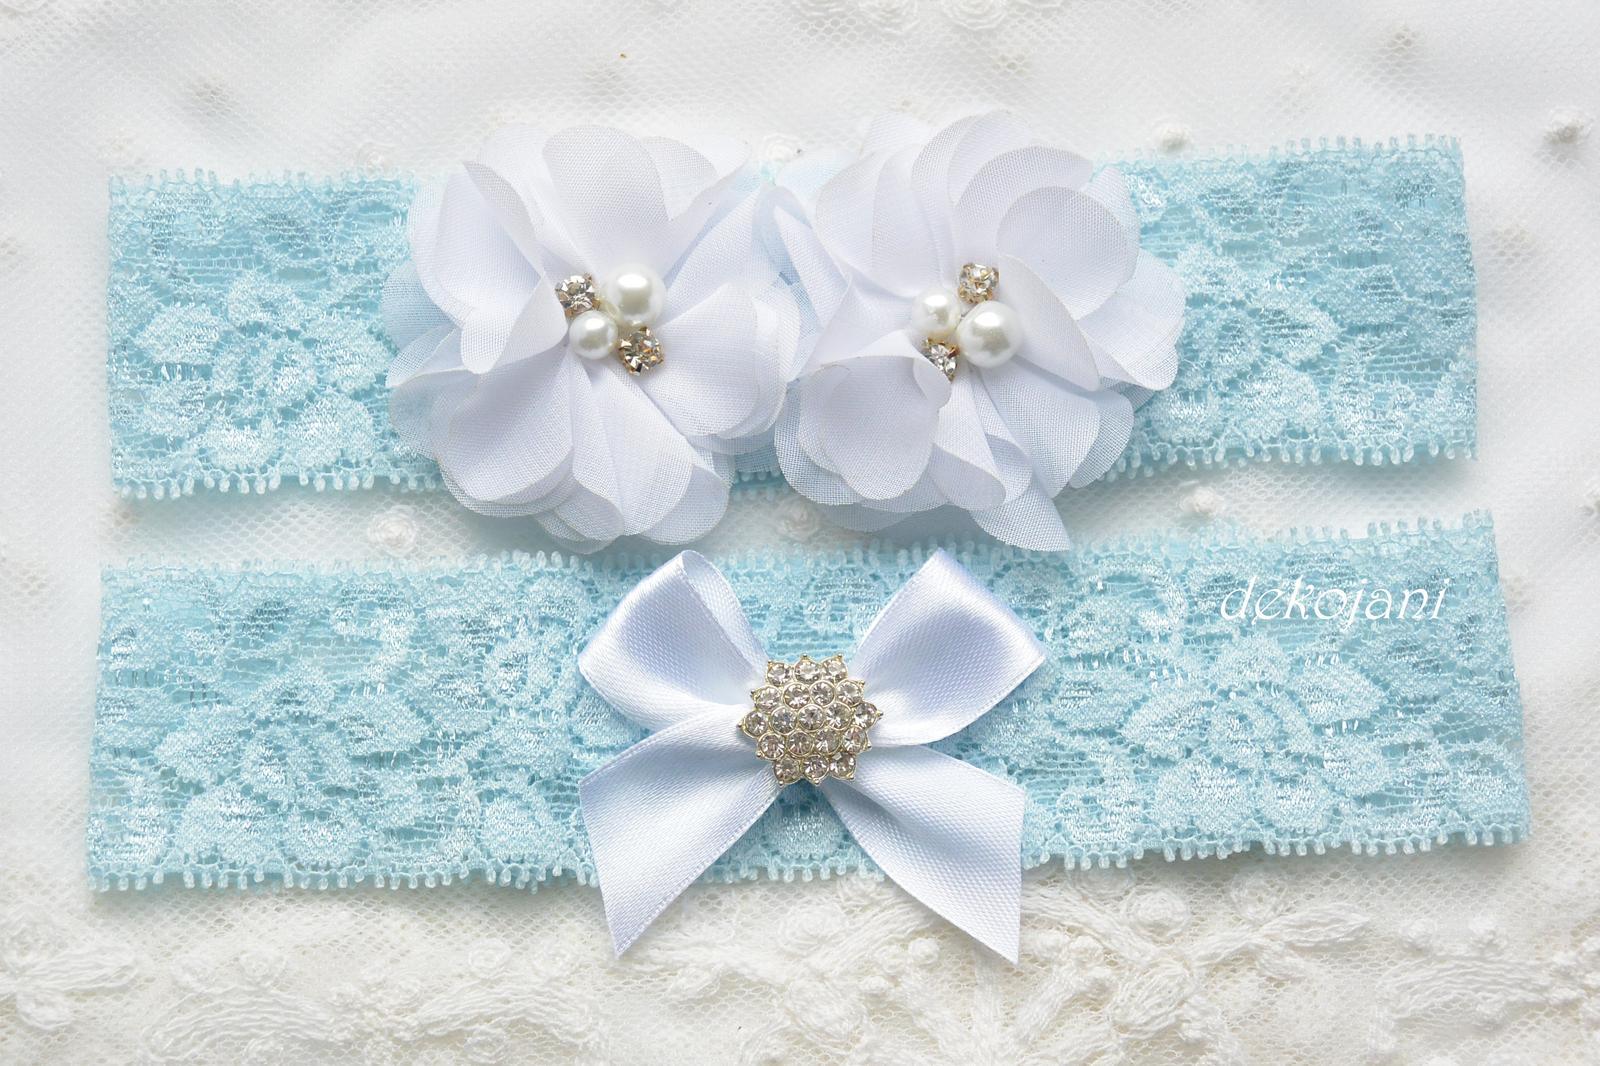 Luxusní svatební doplňky a dekorace. - Obrázek č. 28